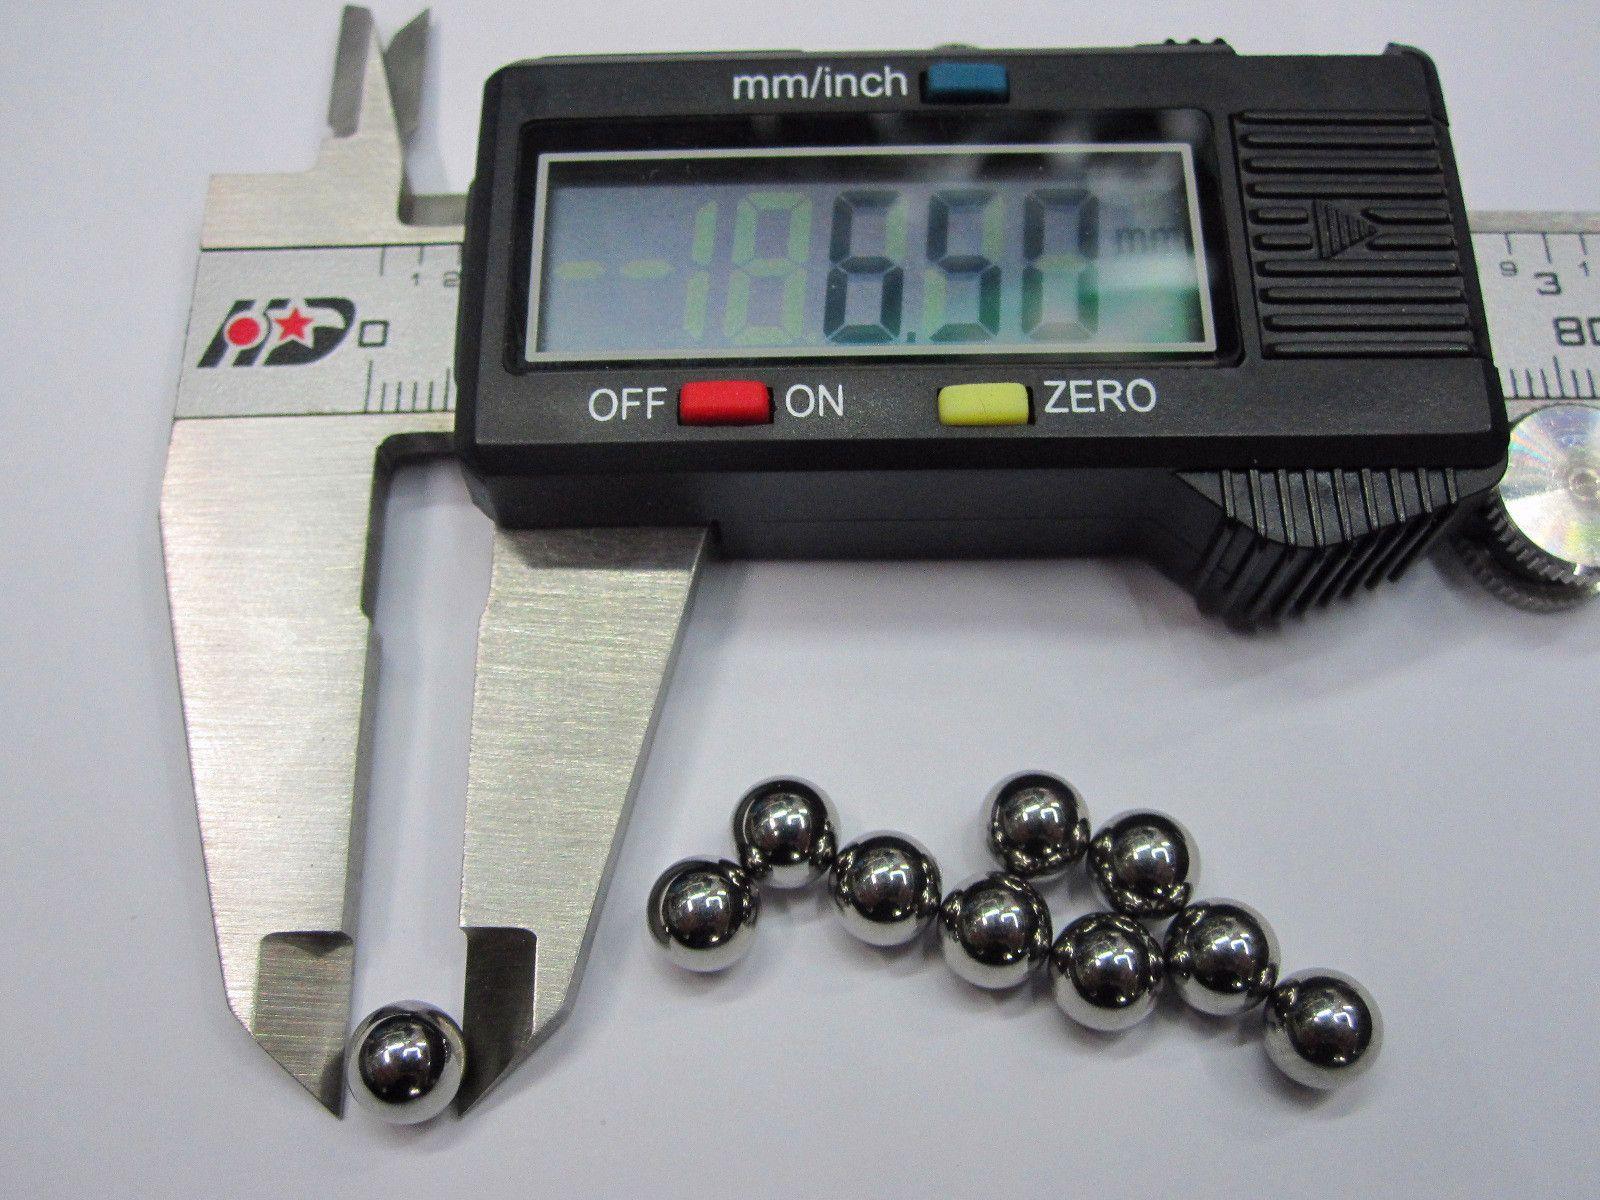 Diámetro de la bola de acero de la bola del cojinete de bolas de acero cromado de 6,5 mm 6.5 mm 10pcs / set Precisión: G10-Grade